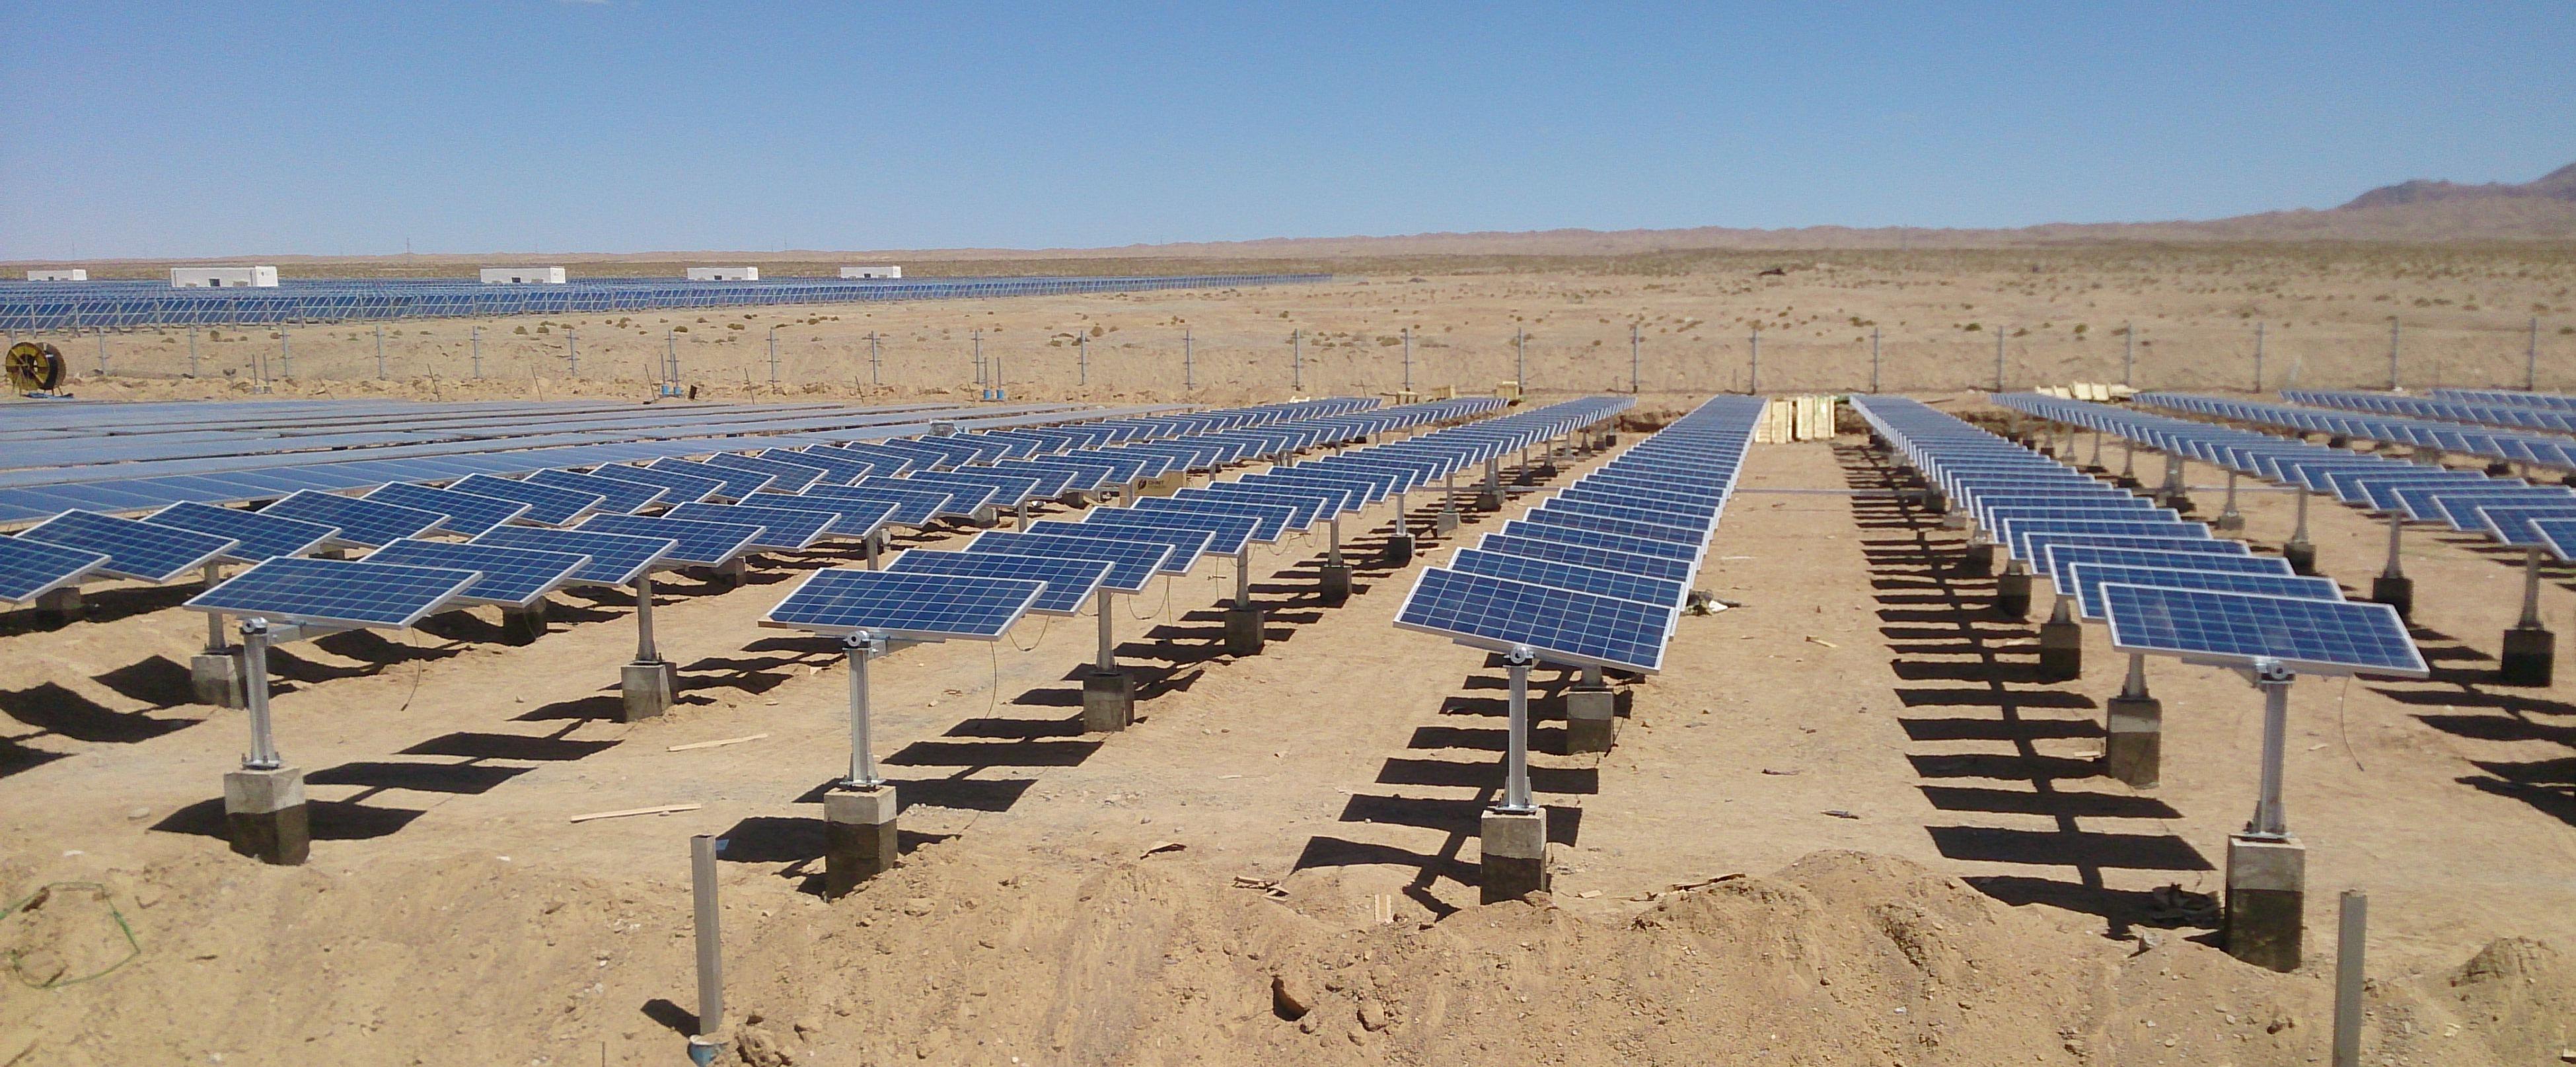 Solar tracker - Wikiwand